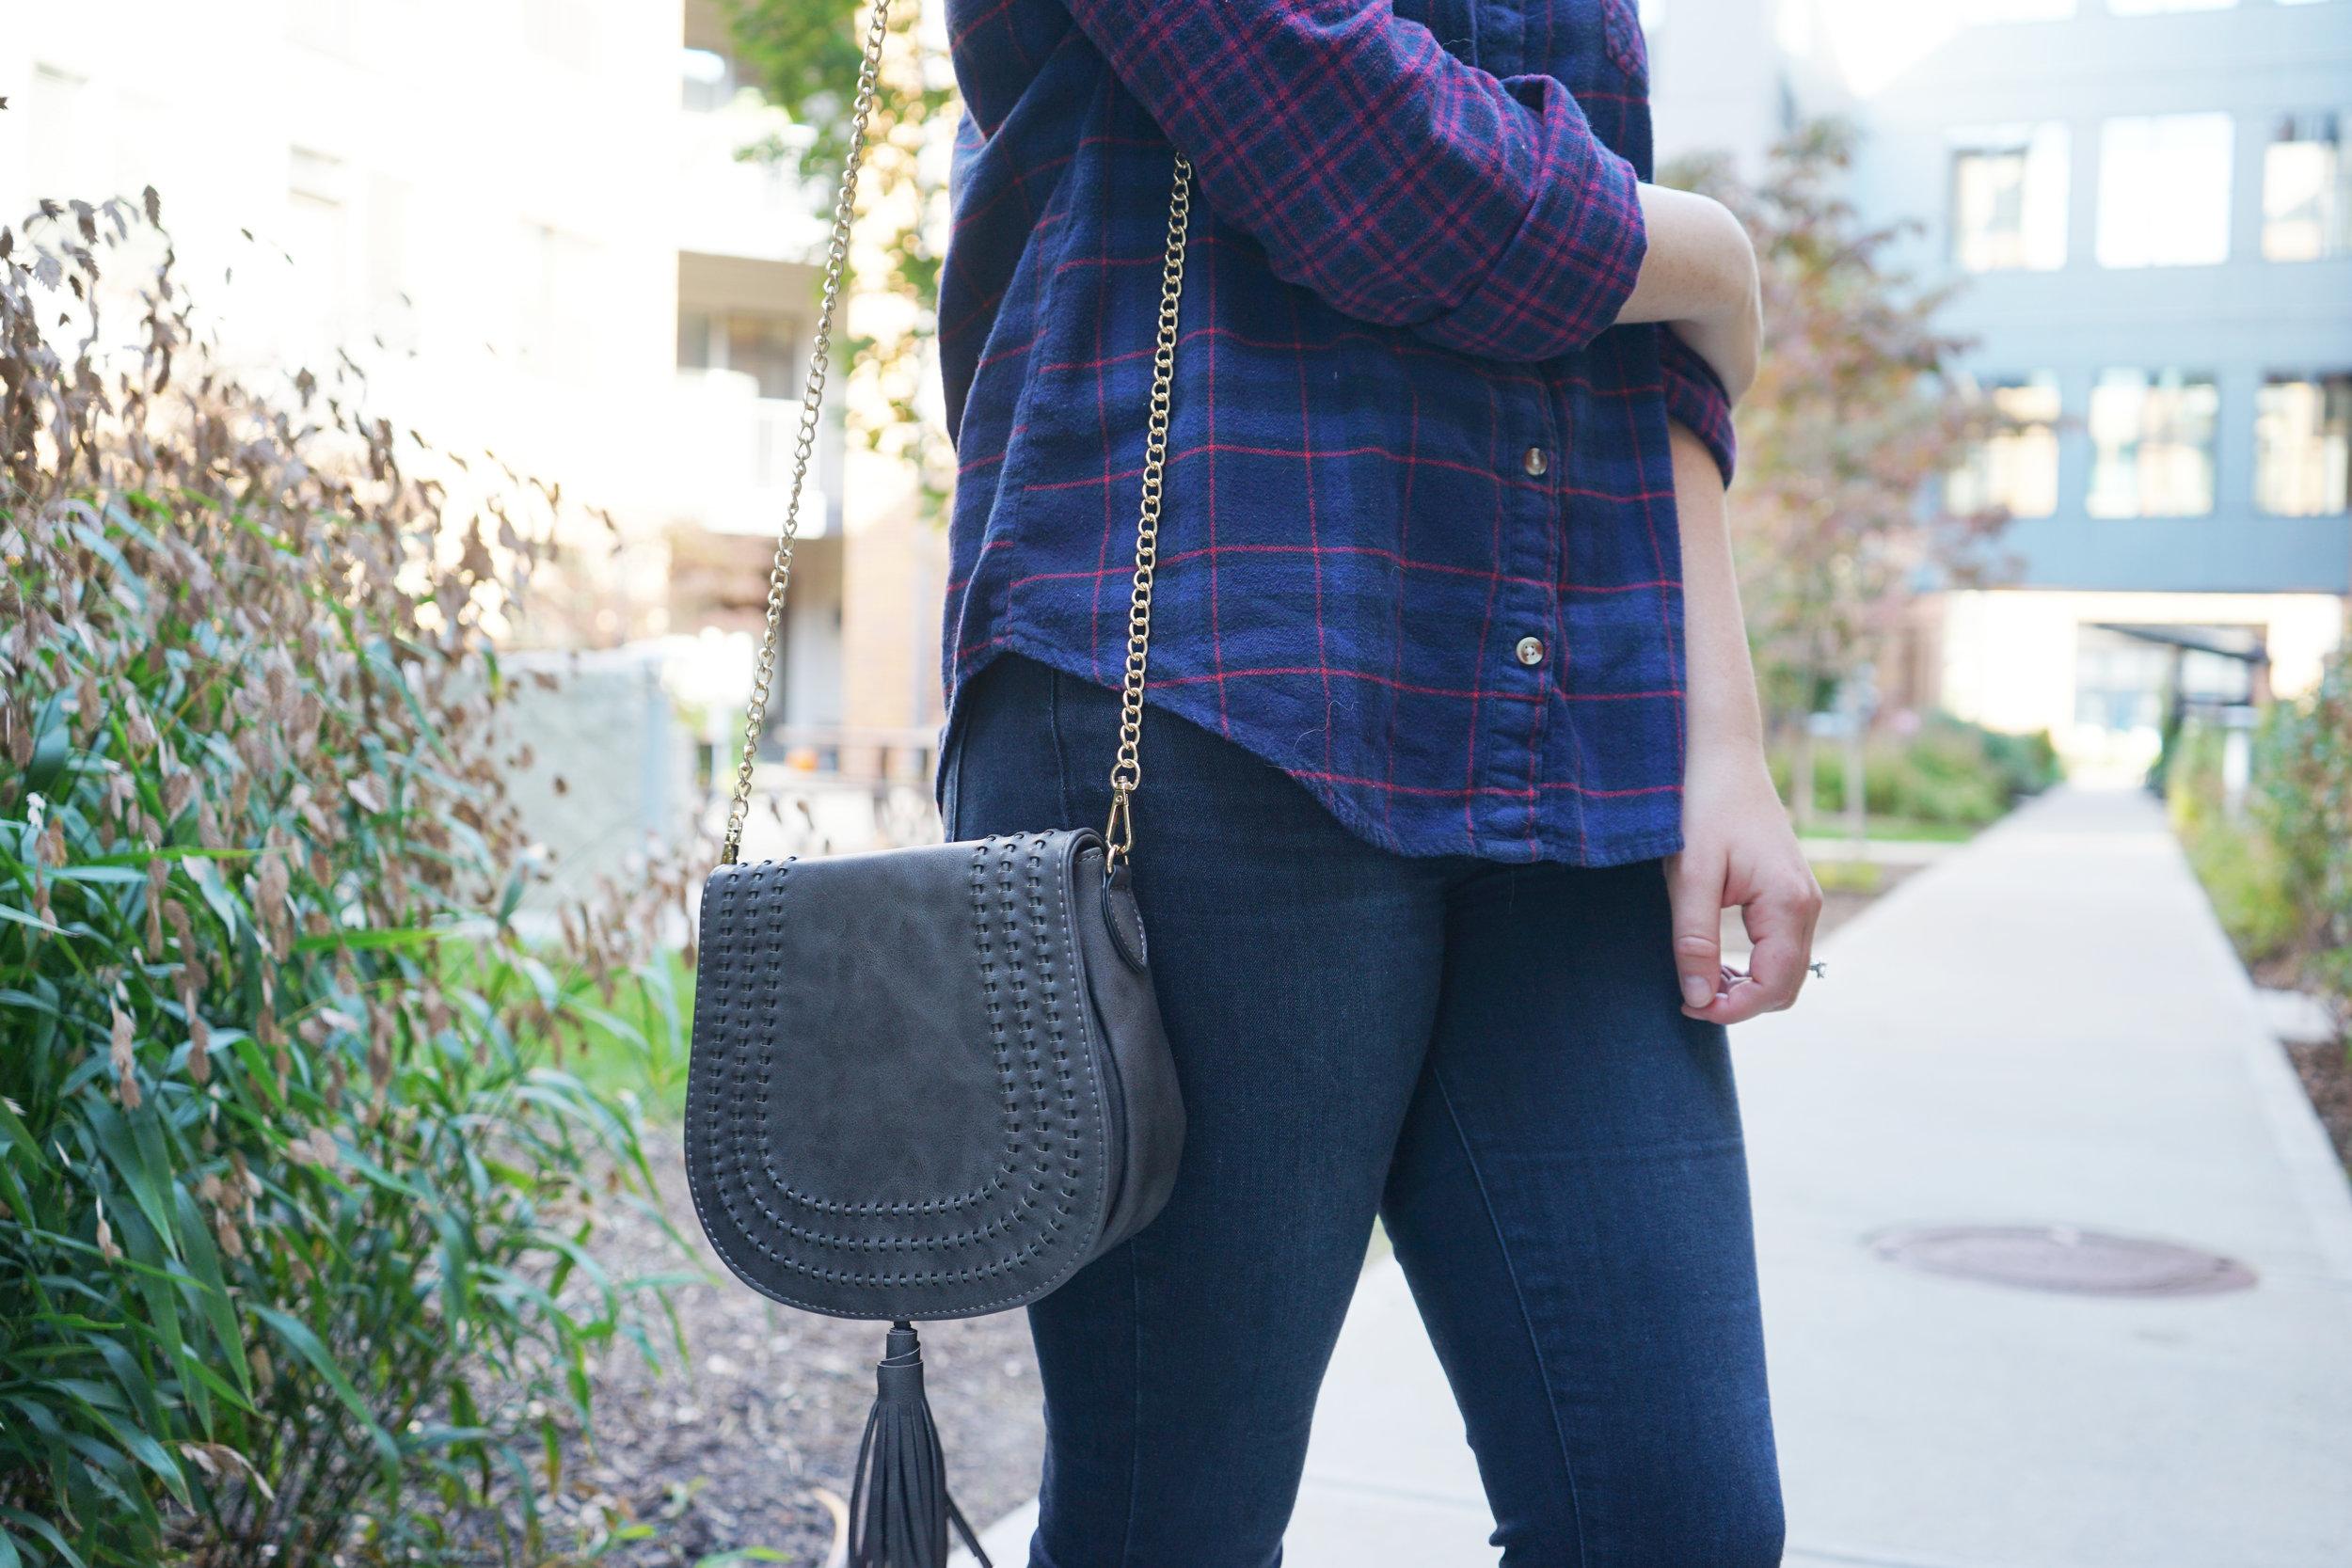 Maggie a la Mode - Dressing in Fall When it Doesn't Feel Like Fall 5.JPG